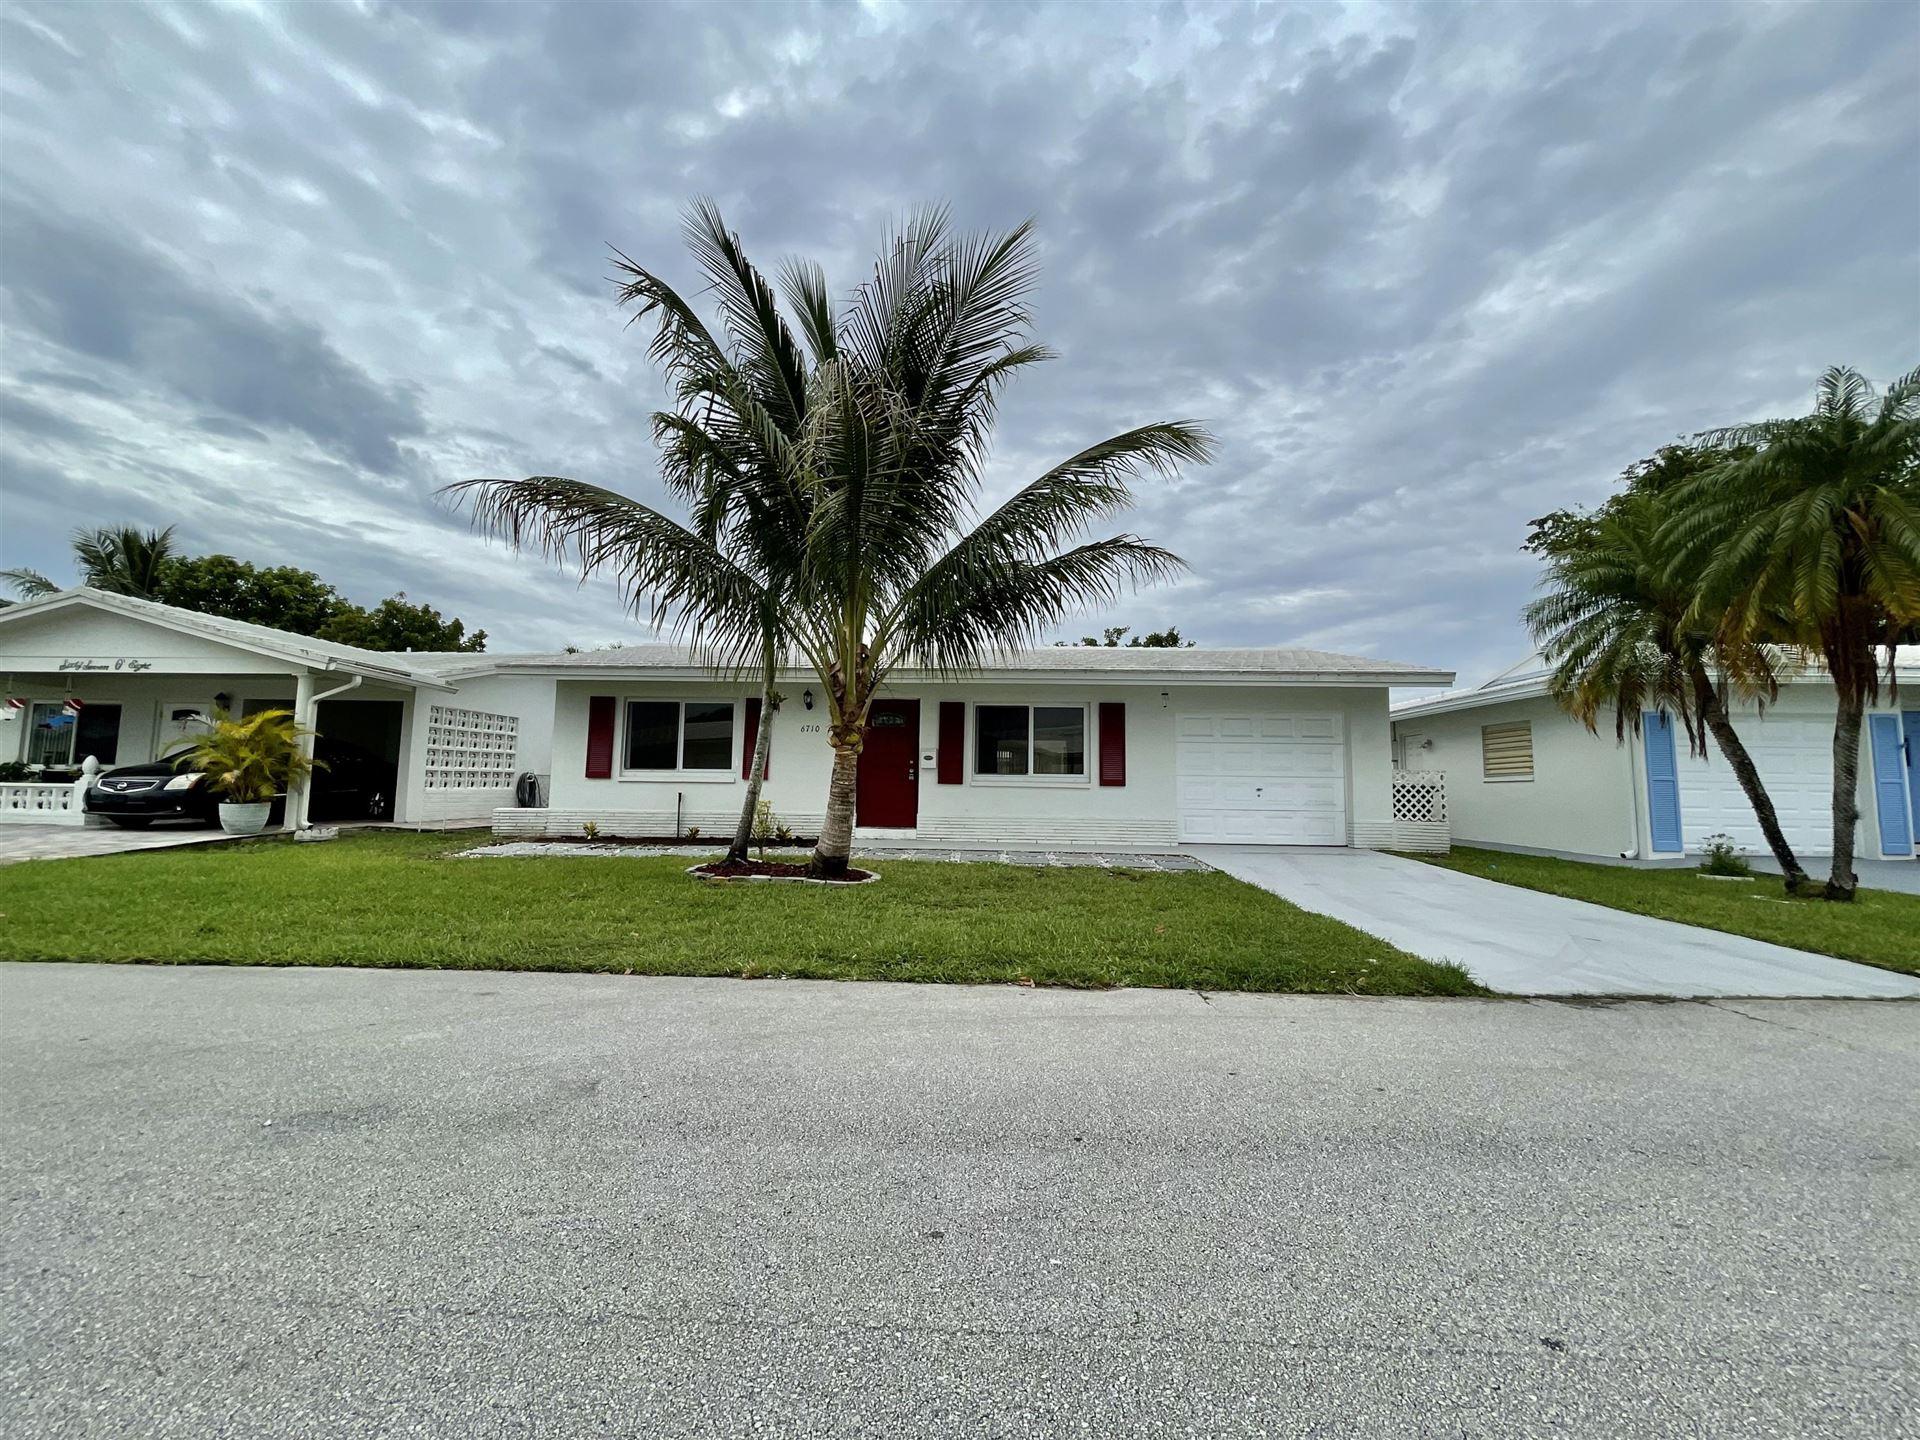 6710 NW 73rd Street, Tamarac, FL 33321 - MLS#: RX-10716187